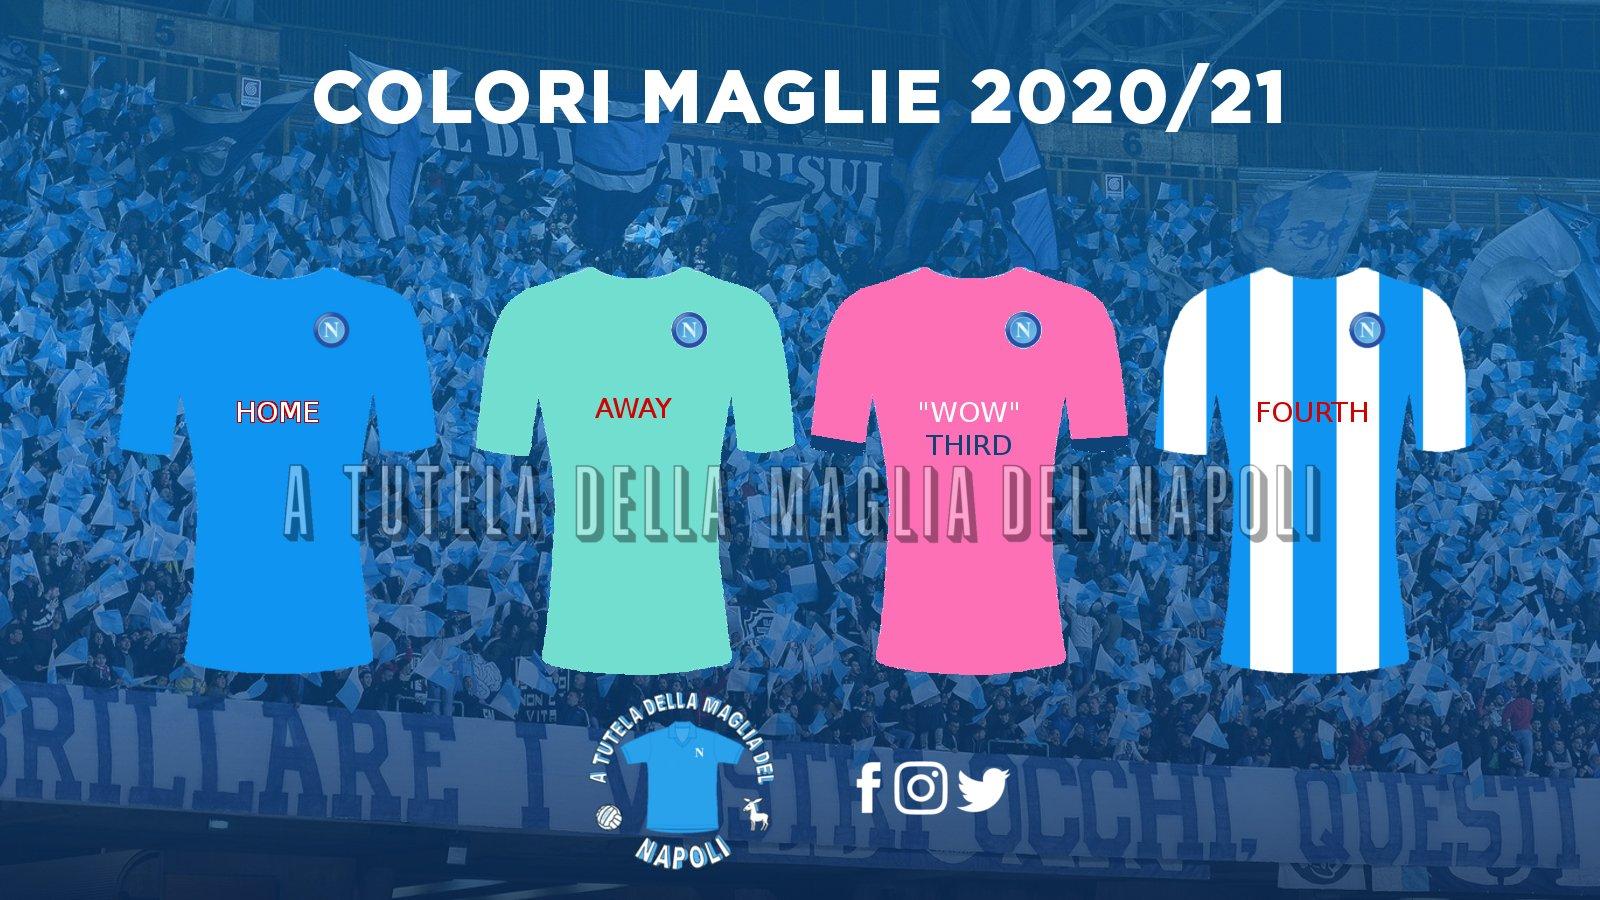 FOTO - Napoli maglie 2020-2021: ecco i possibili colori. Terza ...